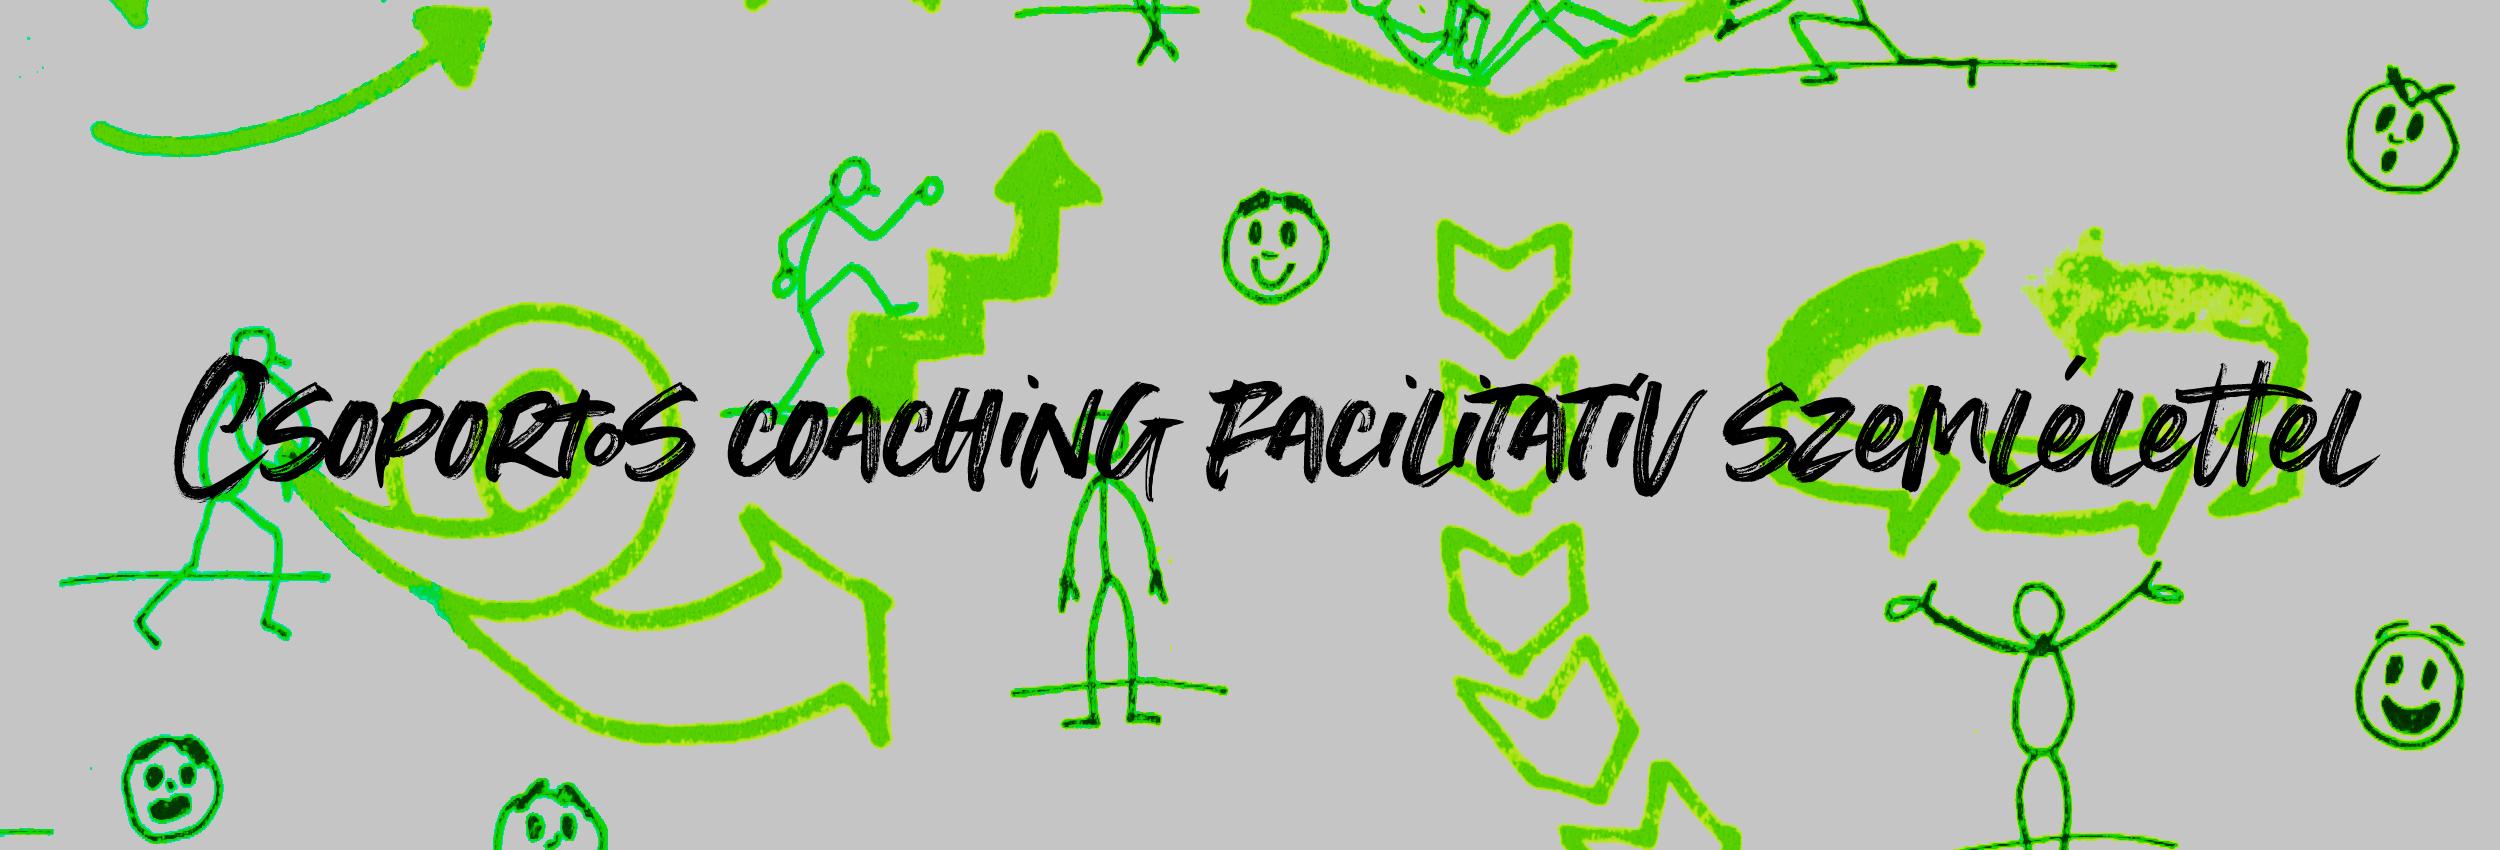 Csoportos coaching facilitatív szemlélettel